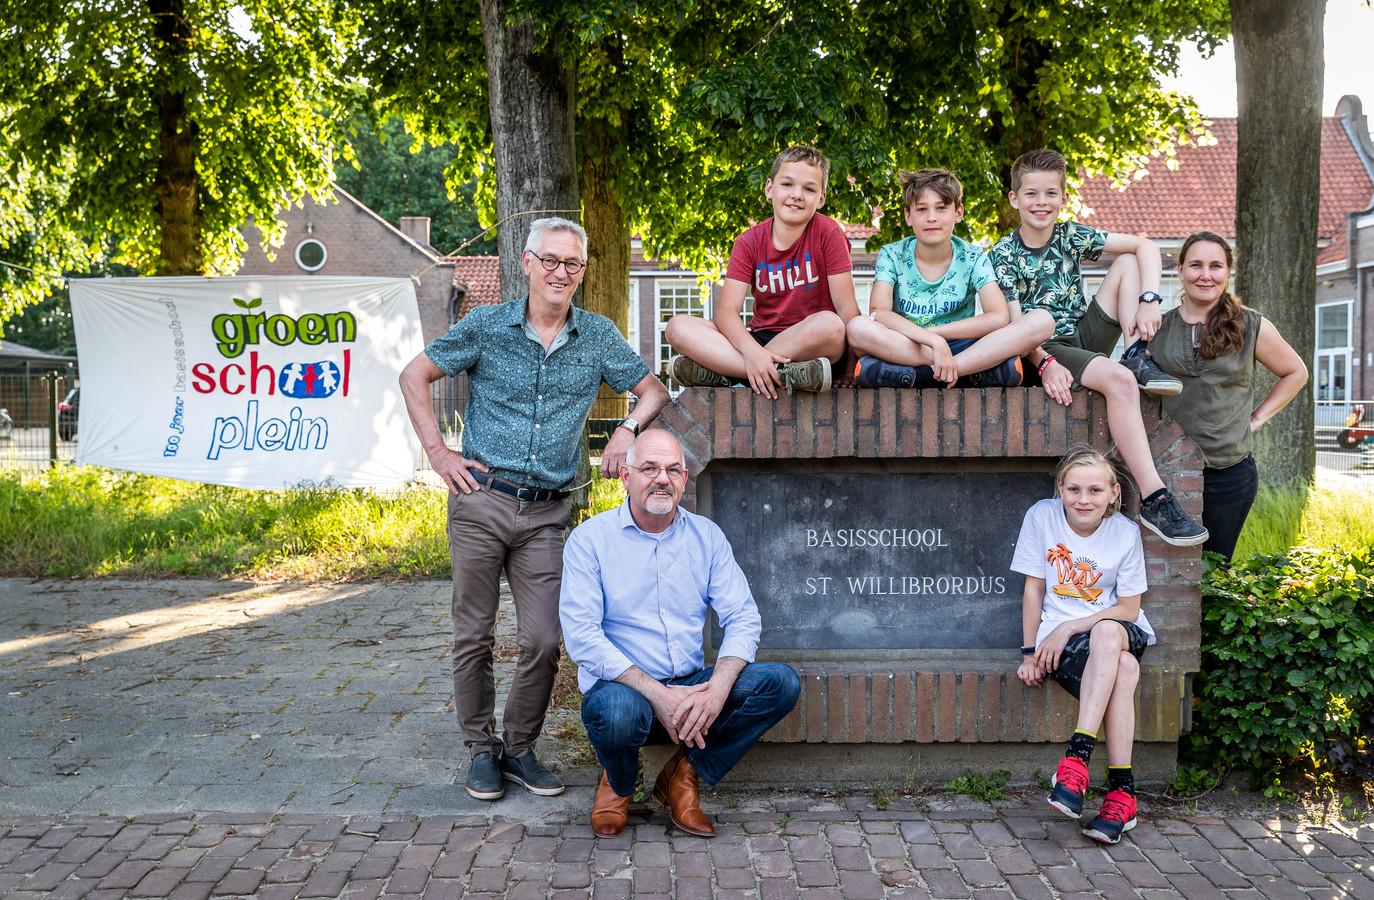 De plannenmakers voor een groener schoolplein in Riethoven. Van links naar rechts Will van Gerwen, Guus Kennis, Julius Klignet, Jurre Vervest en Ilse Duisters.  Zittend Stan Schilleman en Rover Boersma.